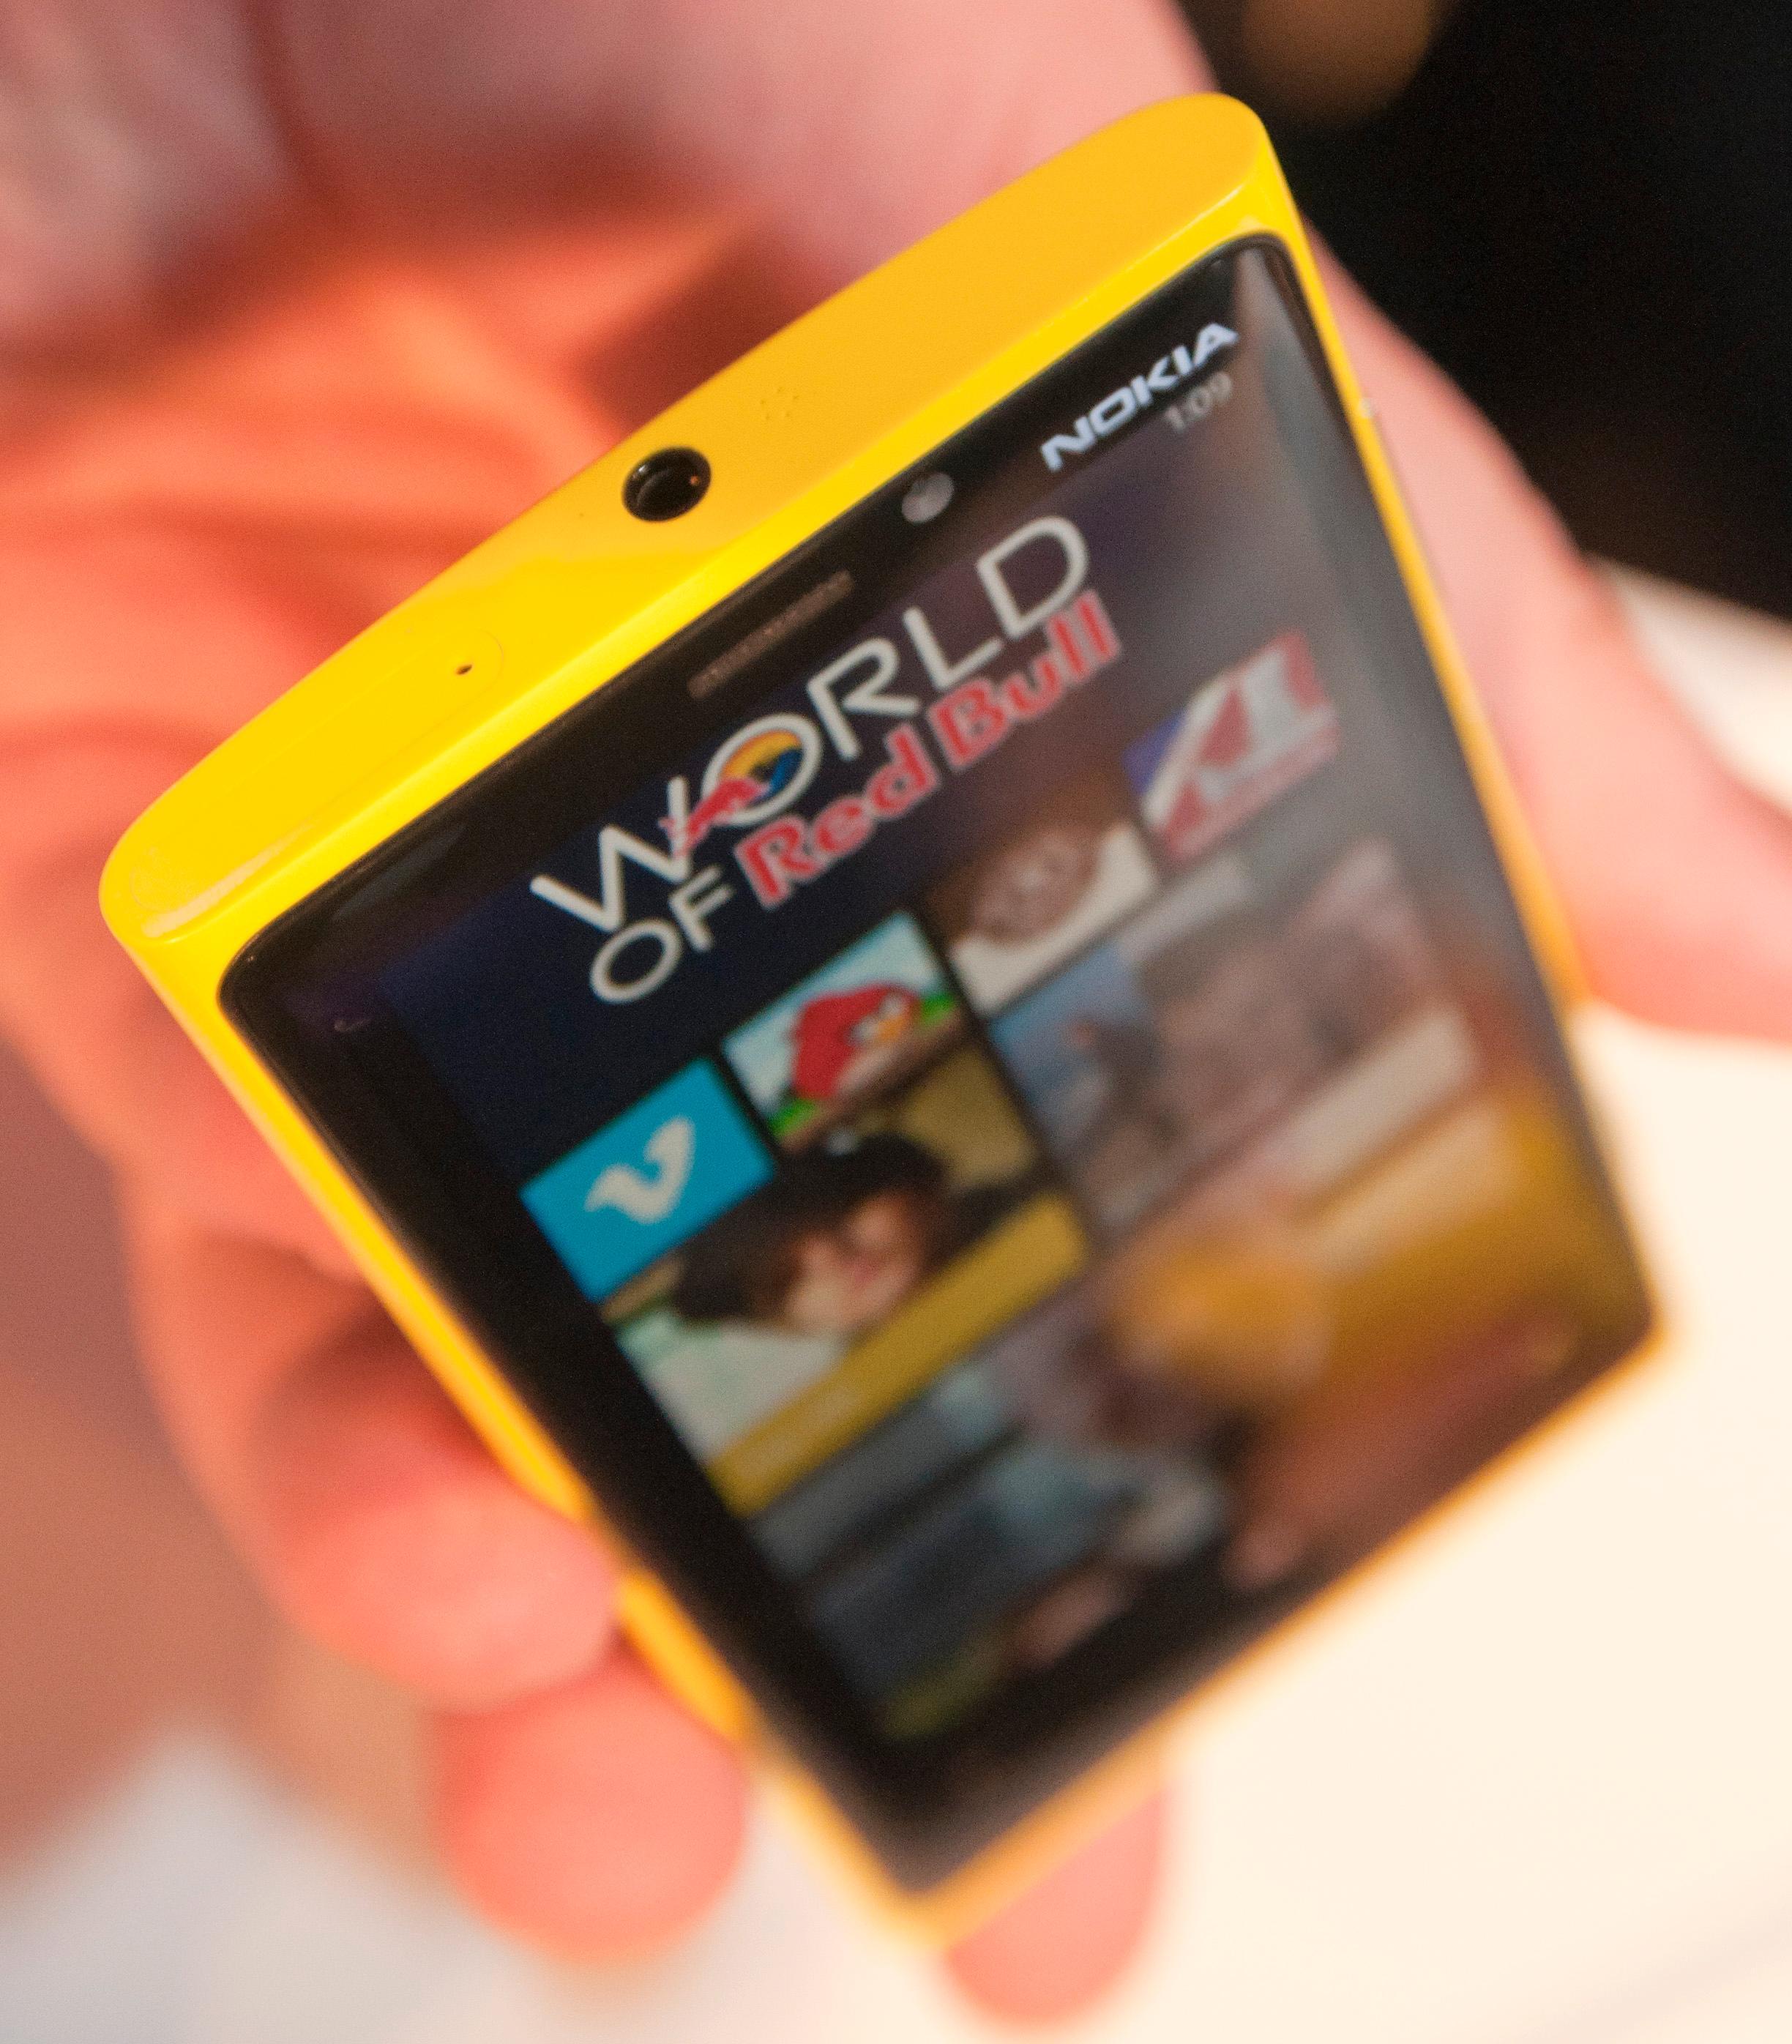 Hodetelefonutgangen sitter på toppen av telefonen. Såvidt synlig er også luken for SIM-kortet.